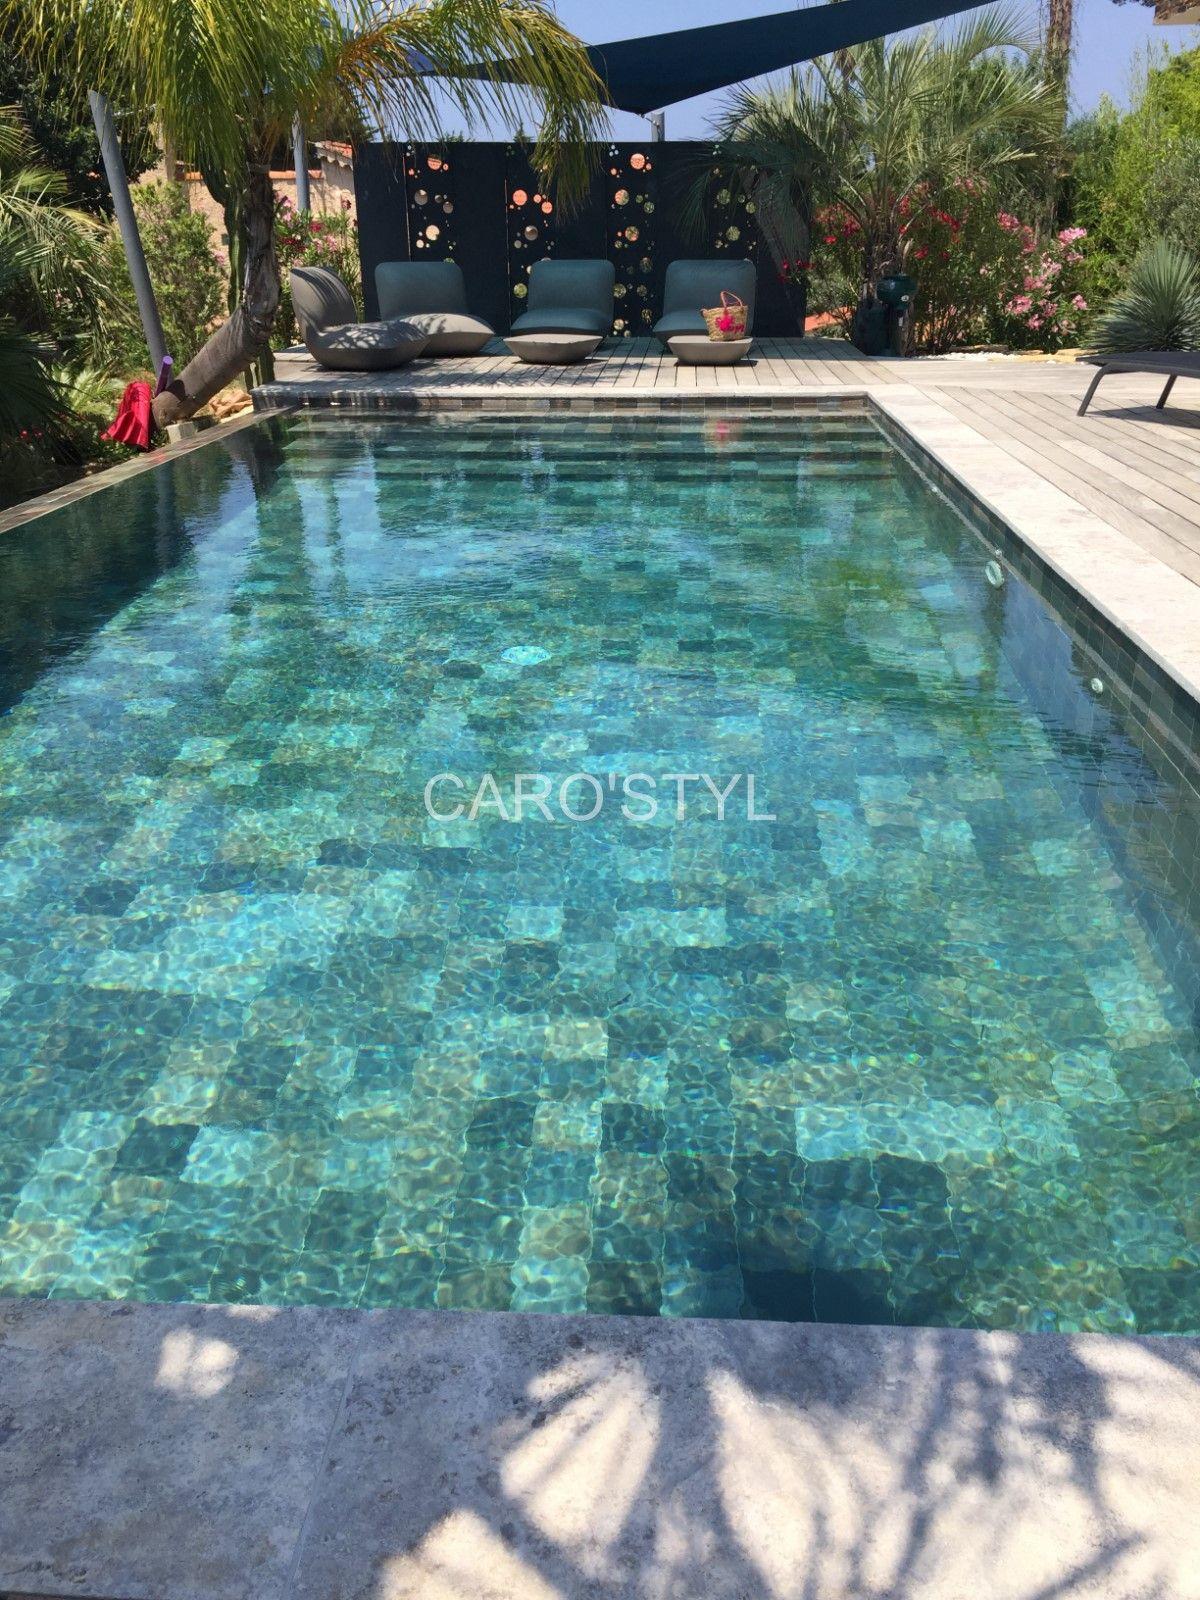 carrelage pour piscine verte ce carrelage effet pierre naturelle indonsienne vous donnera une eau